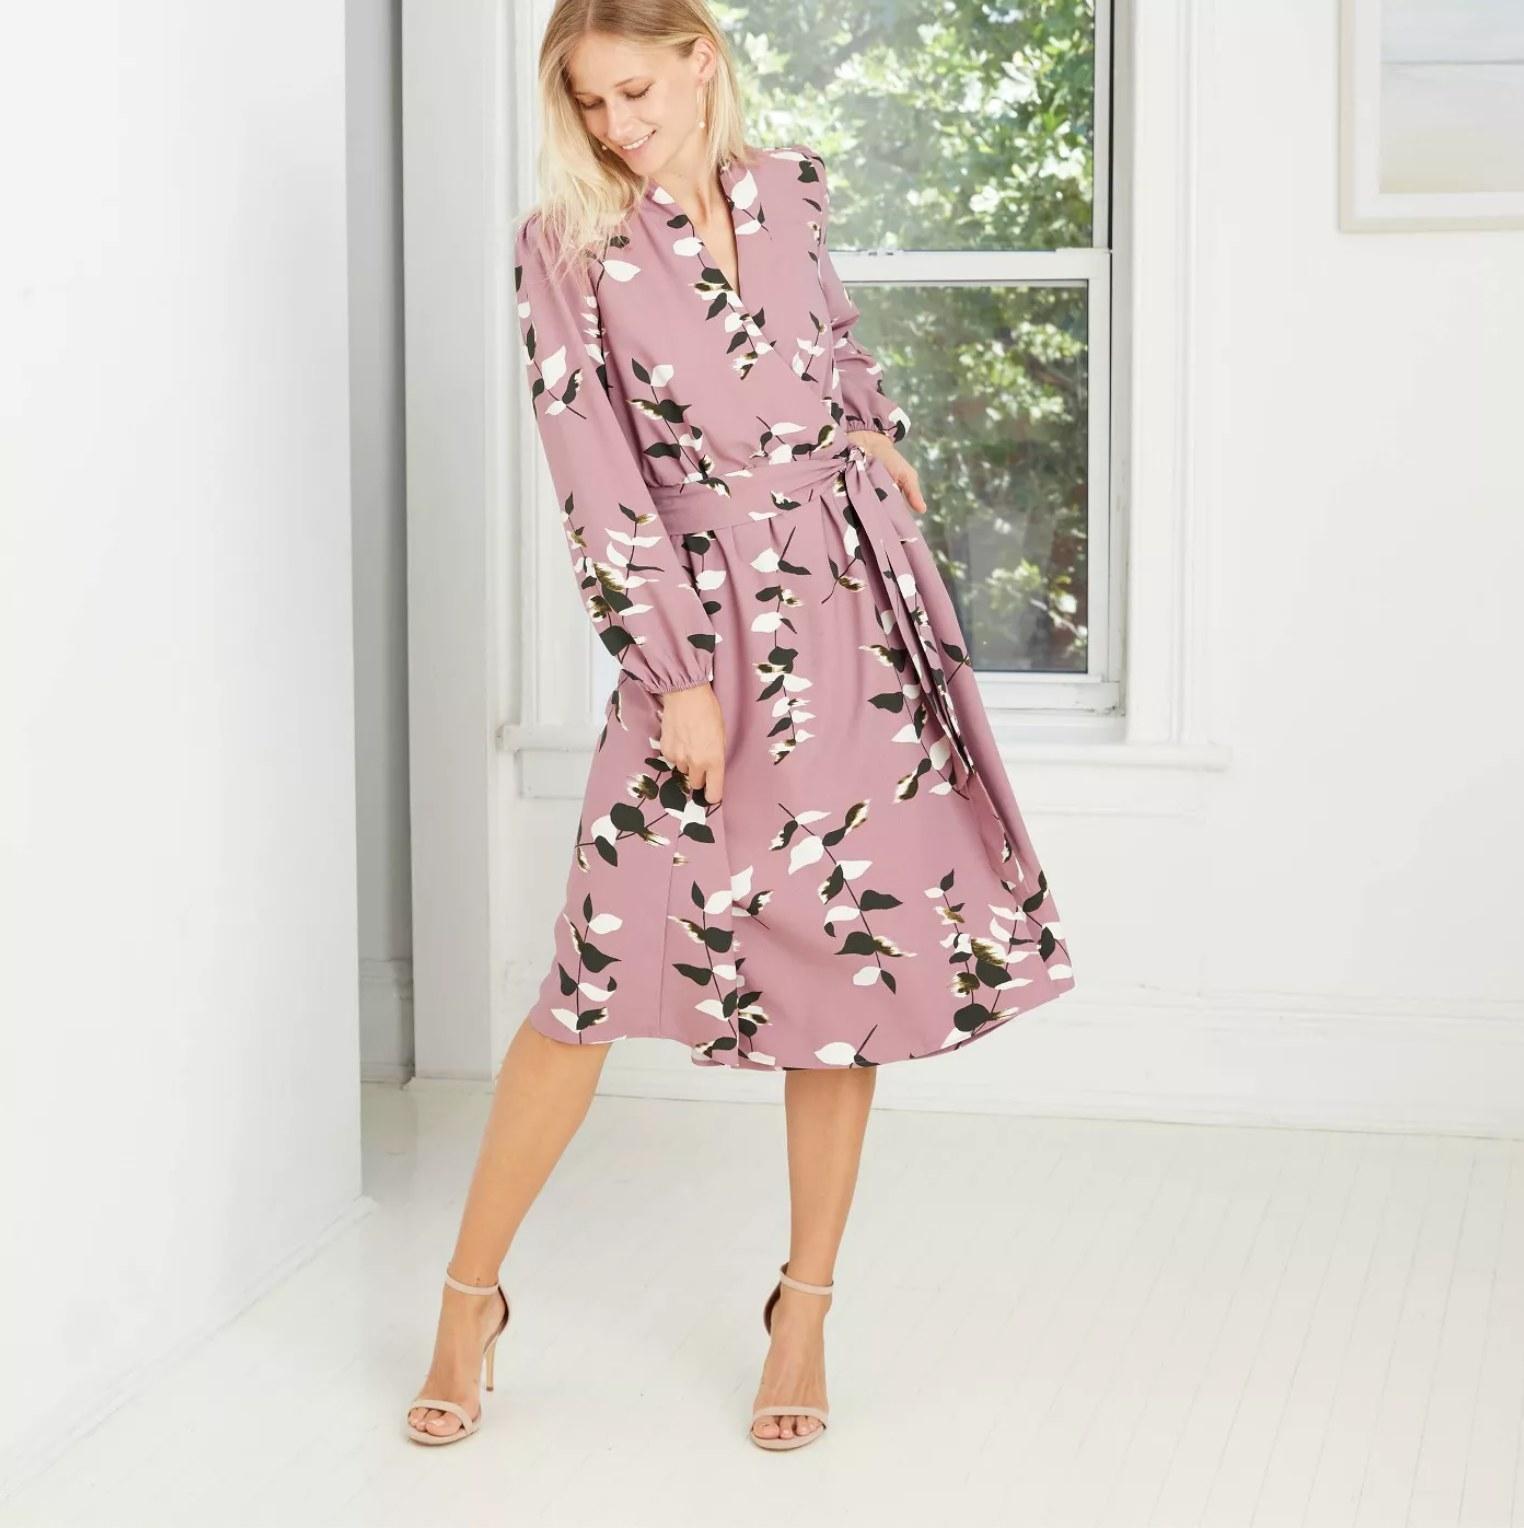 Model wearing the dress in purple